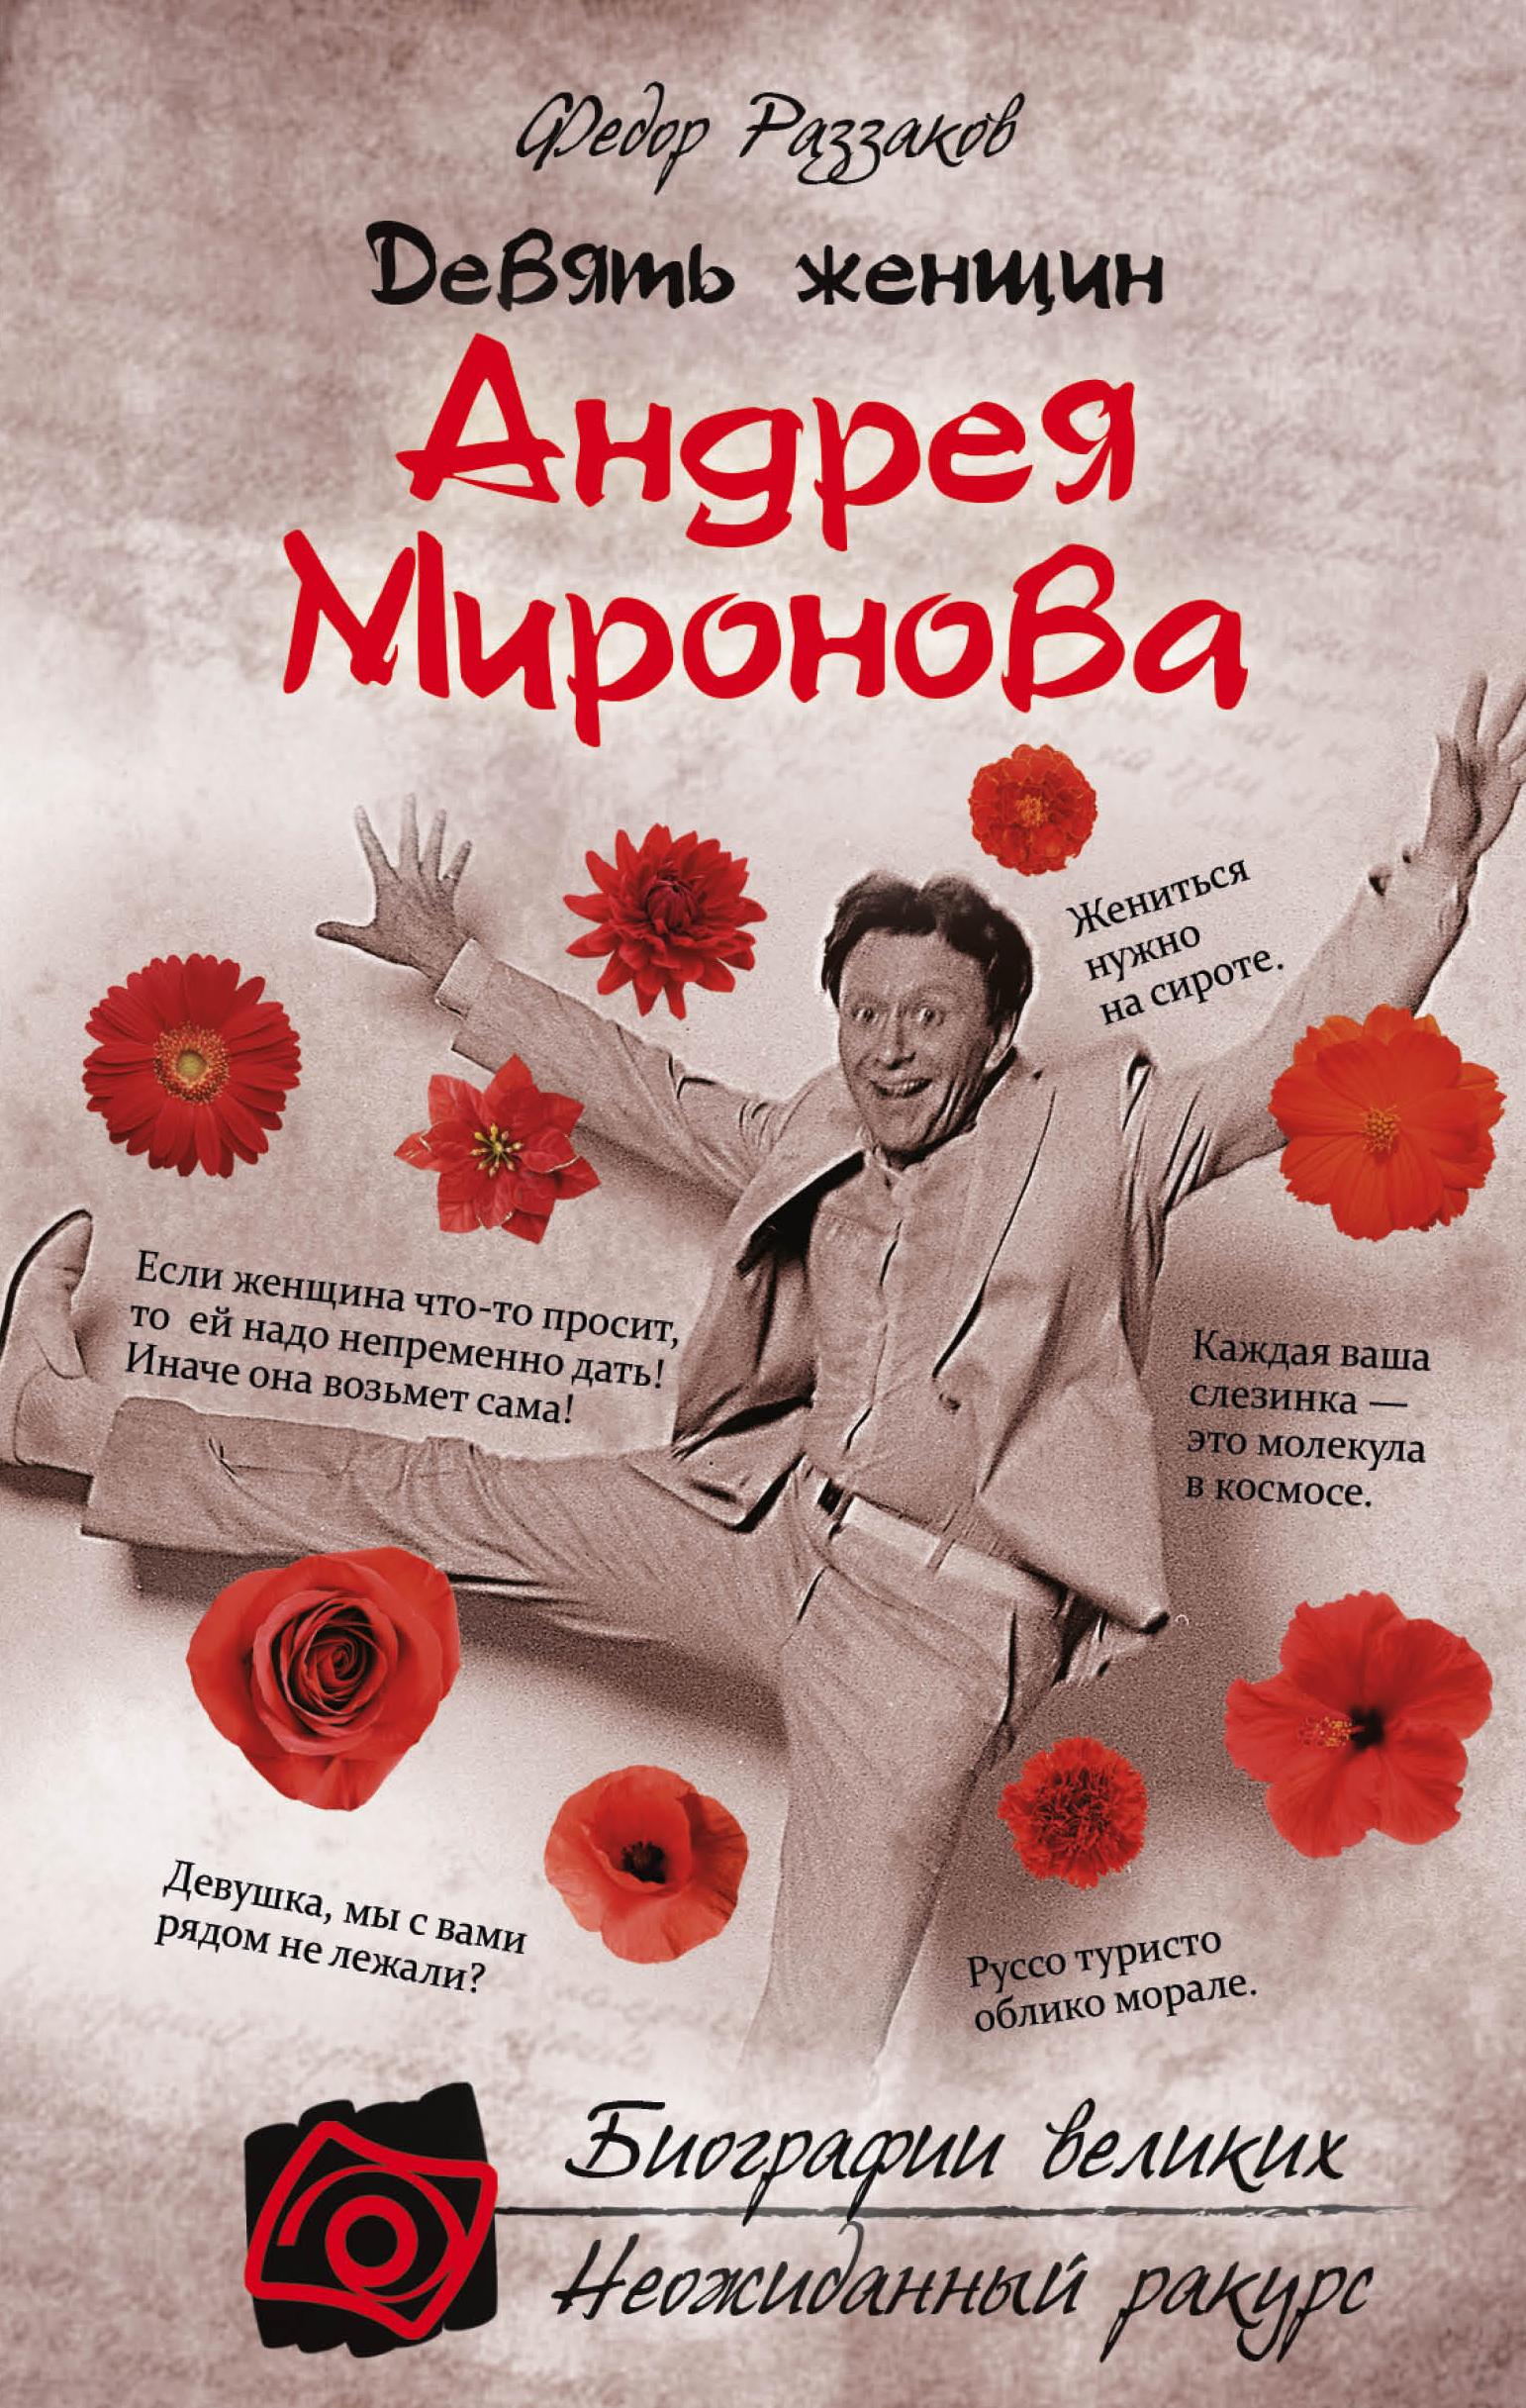 Федор Раззаков Девять женщин Андрея Миронова